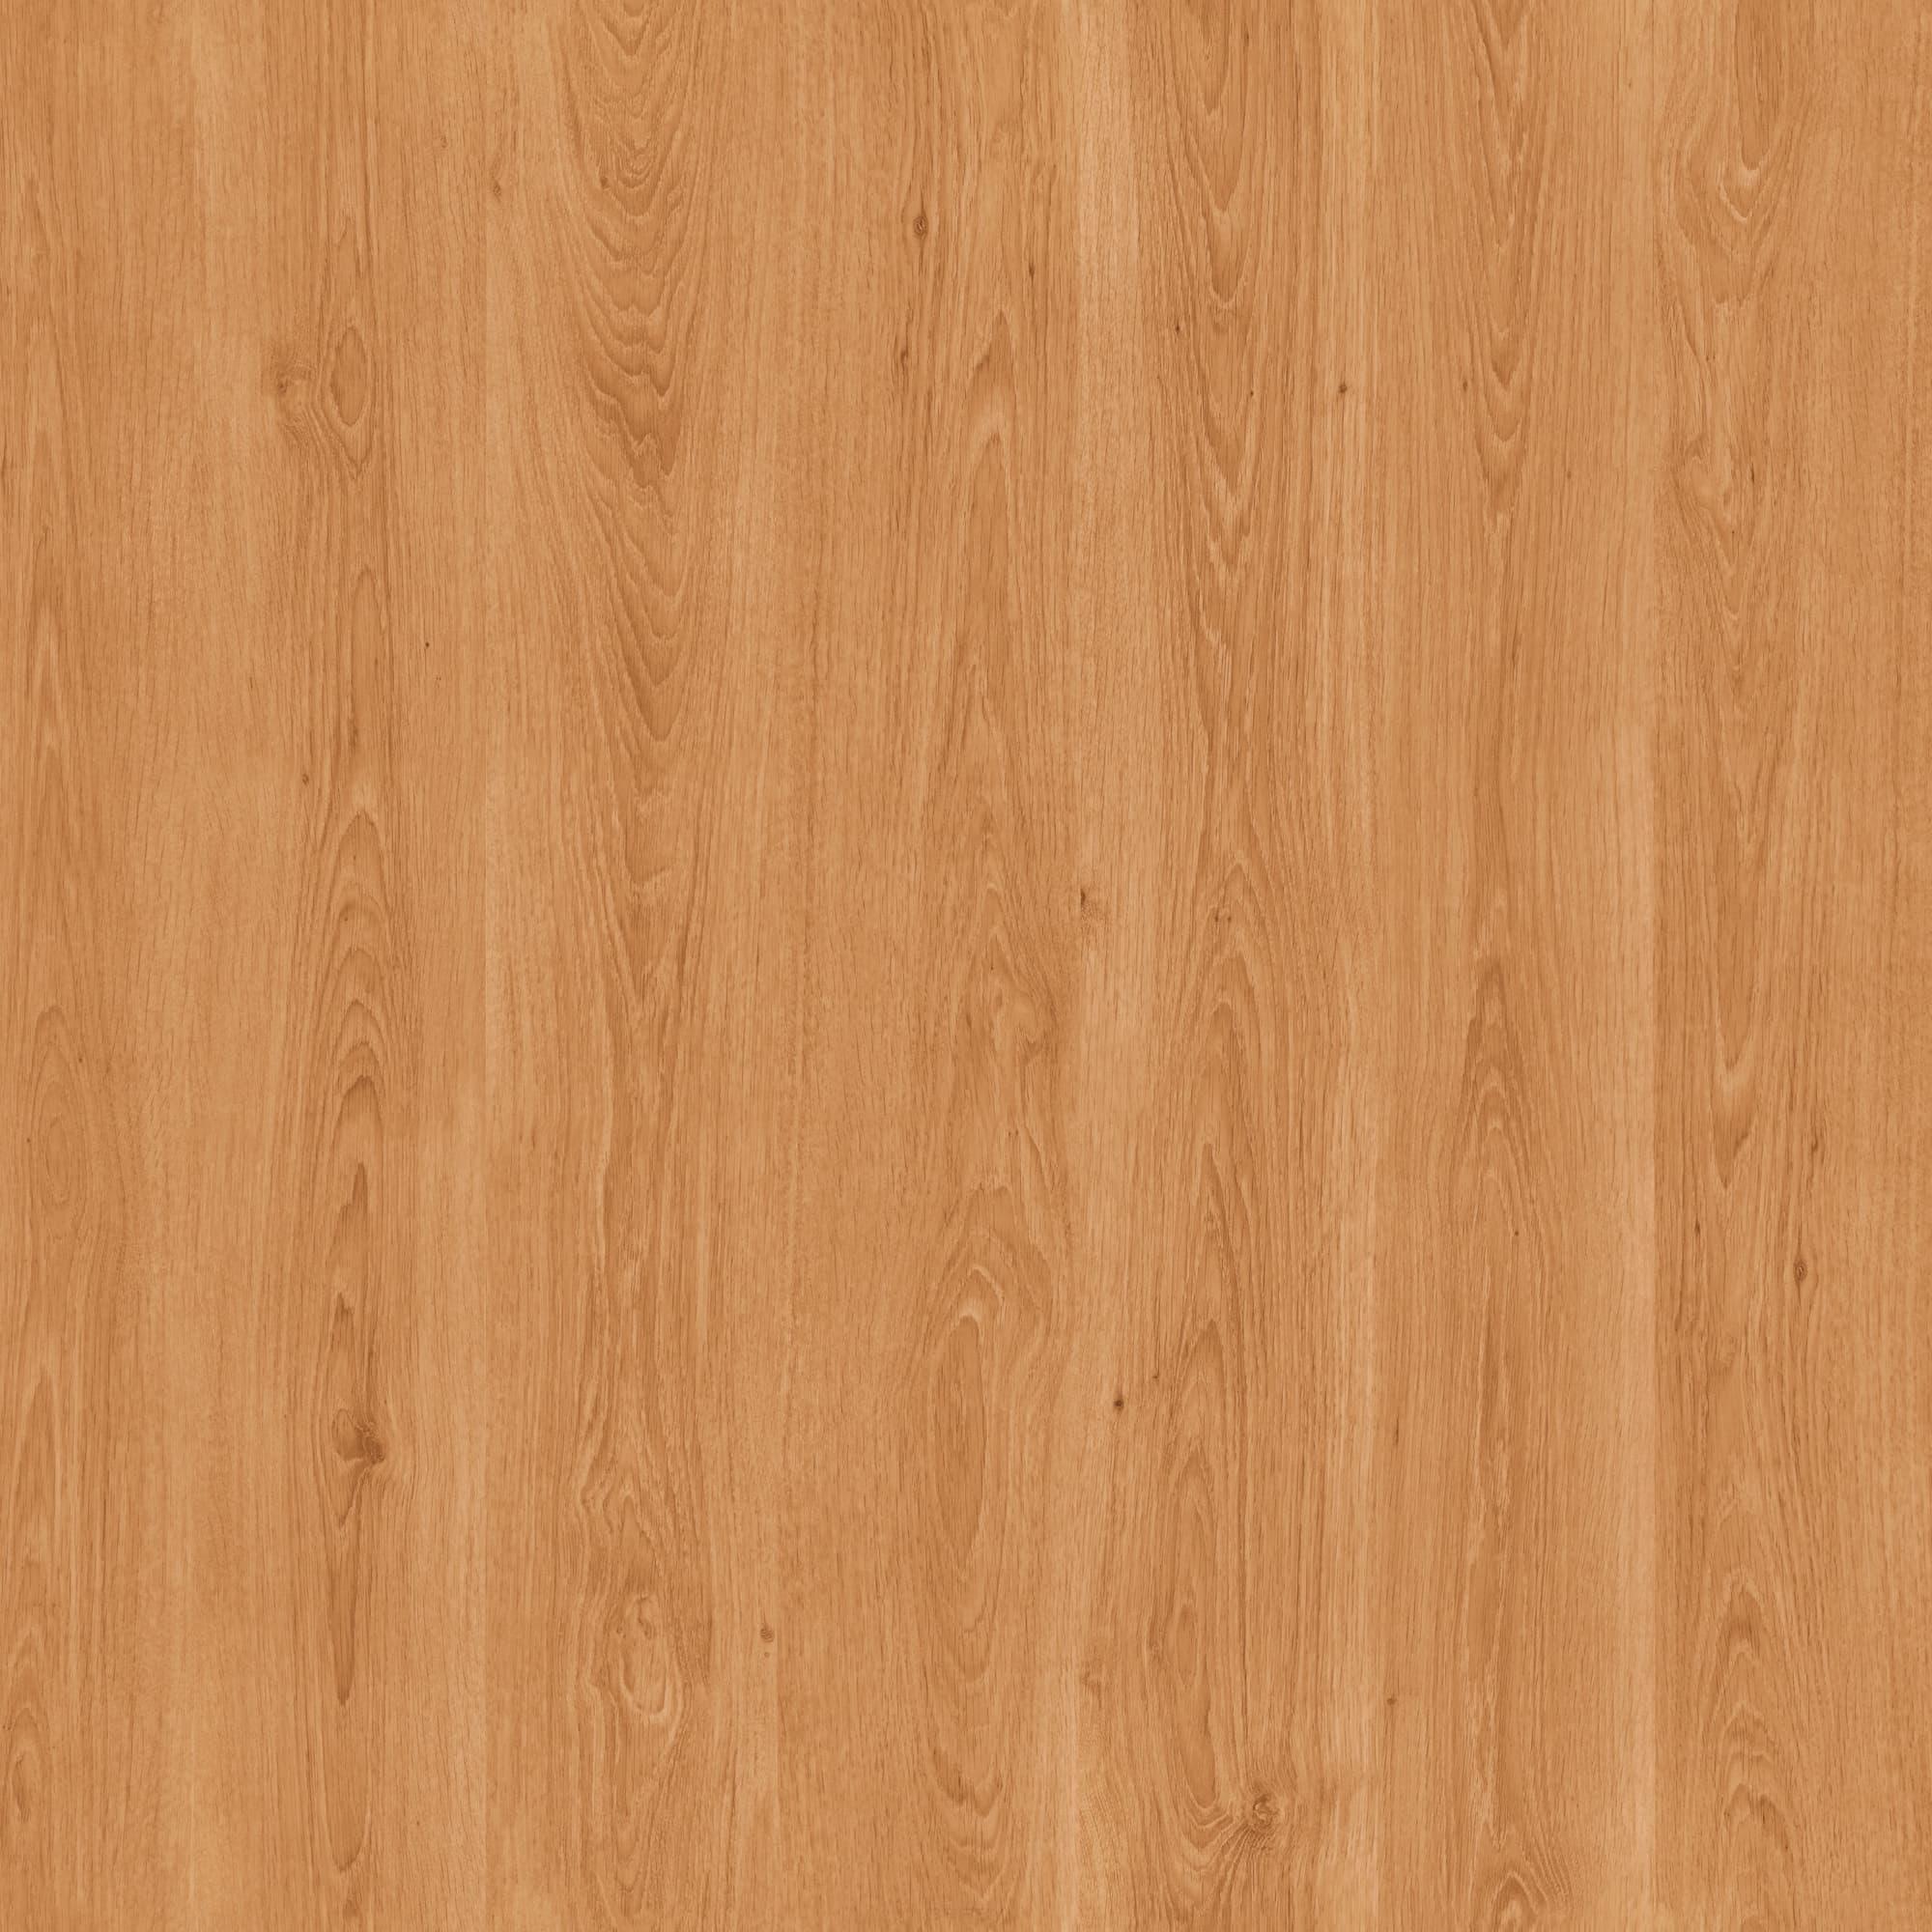 Имидж Мастер, Зеркало для парикмахерской Доминго I (односторонее) (29 цветов) Ольха имидж мастер зеркало для парикмахерской доминго i односторонее 29 цветов ирис глянец